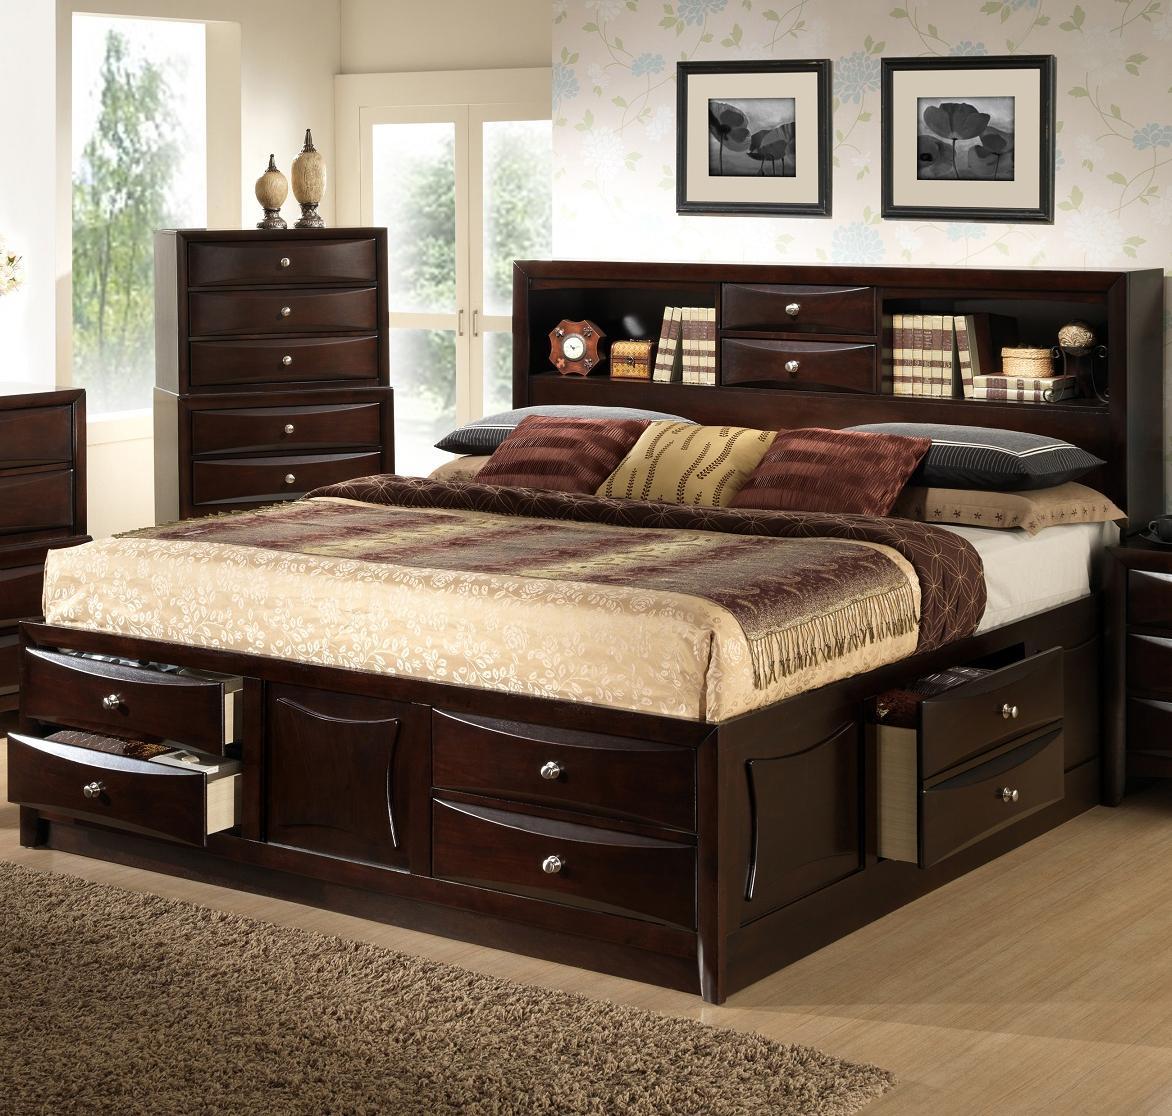 Кровати с полками в изголовье 19 фото модели с удобными